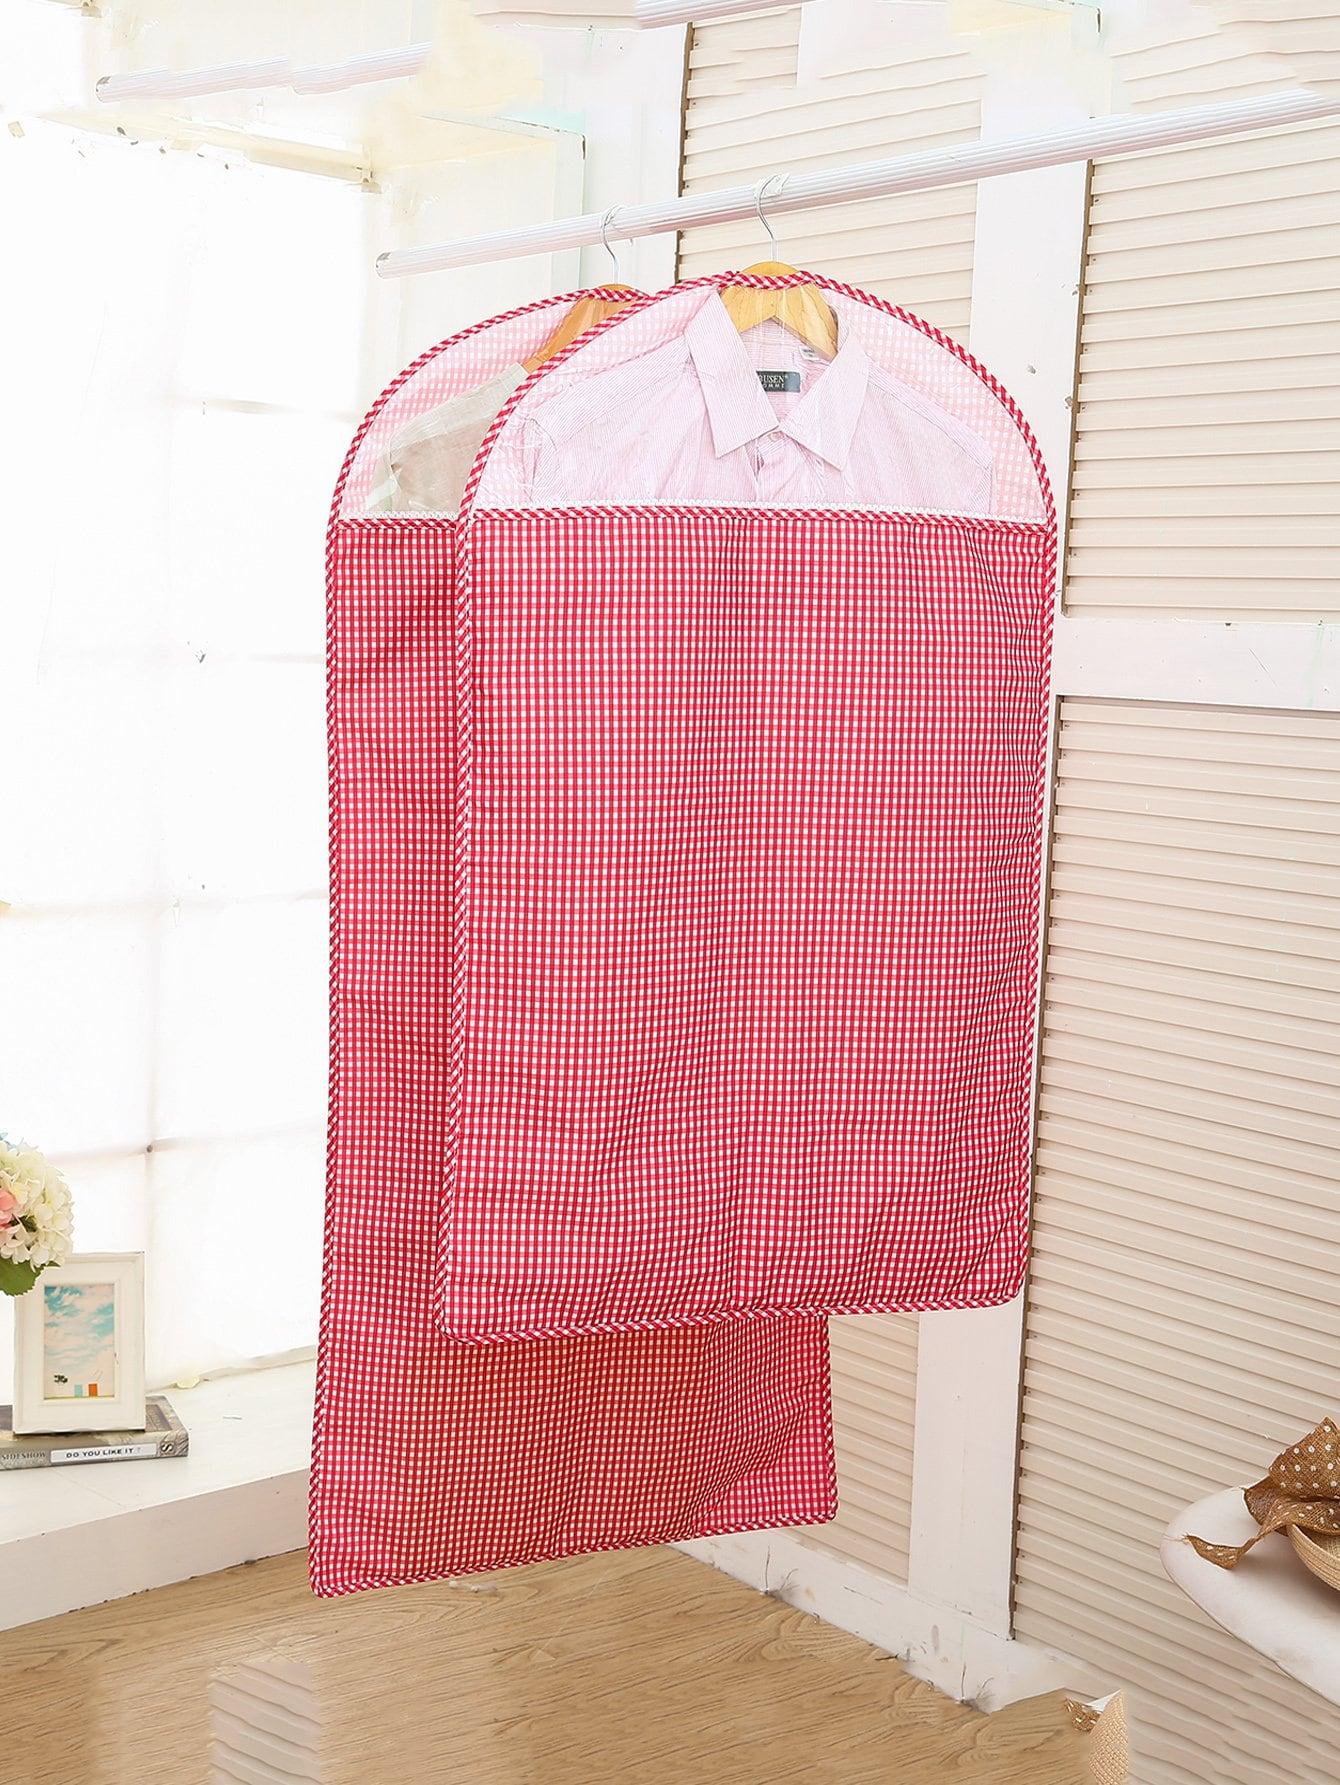 Kleidung Staubschutz 2pcs mit Gingham Muster